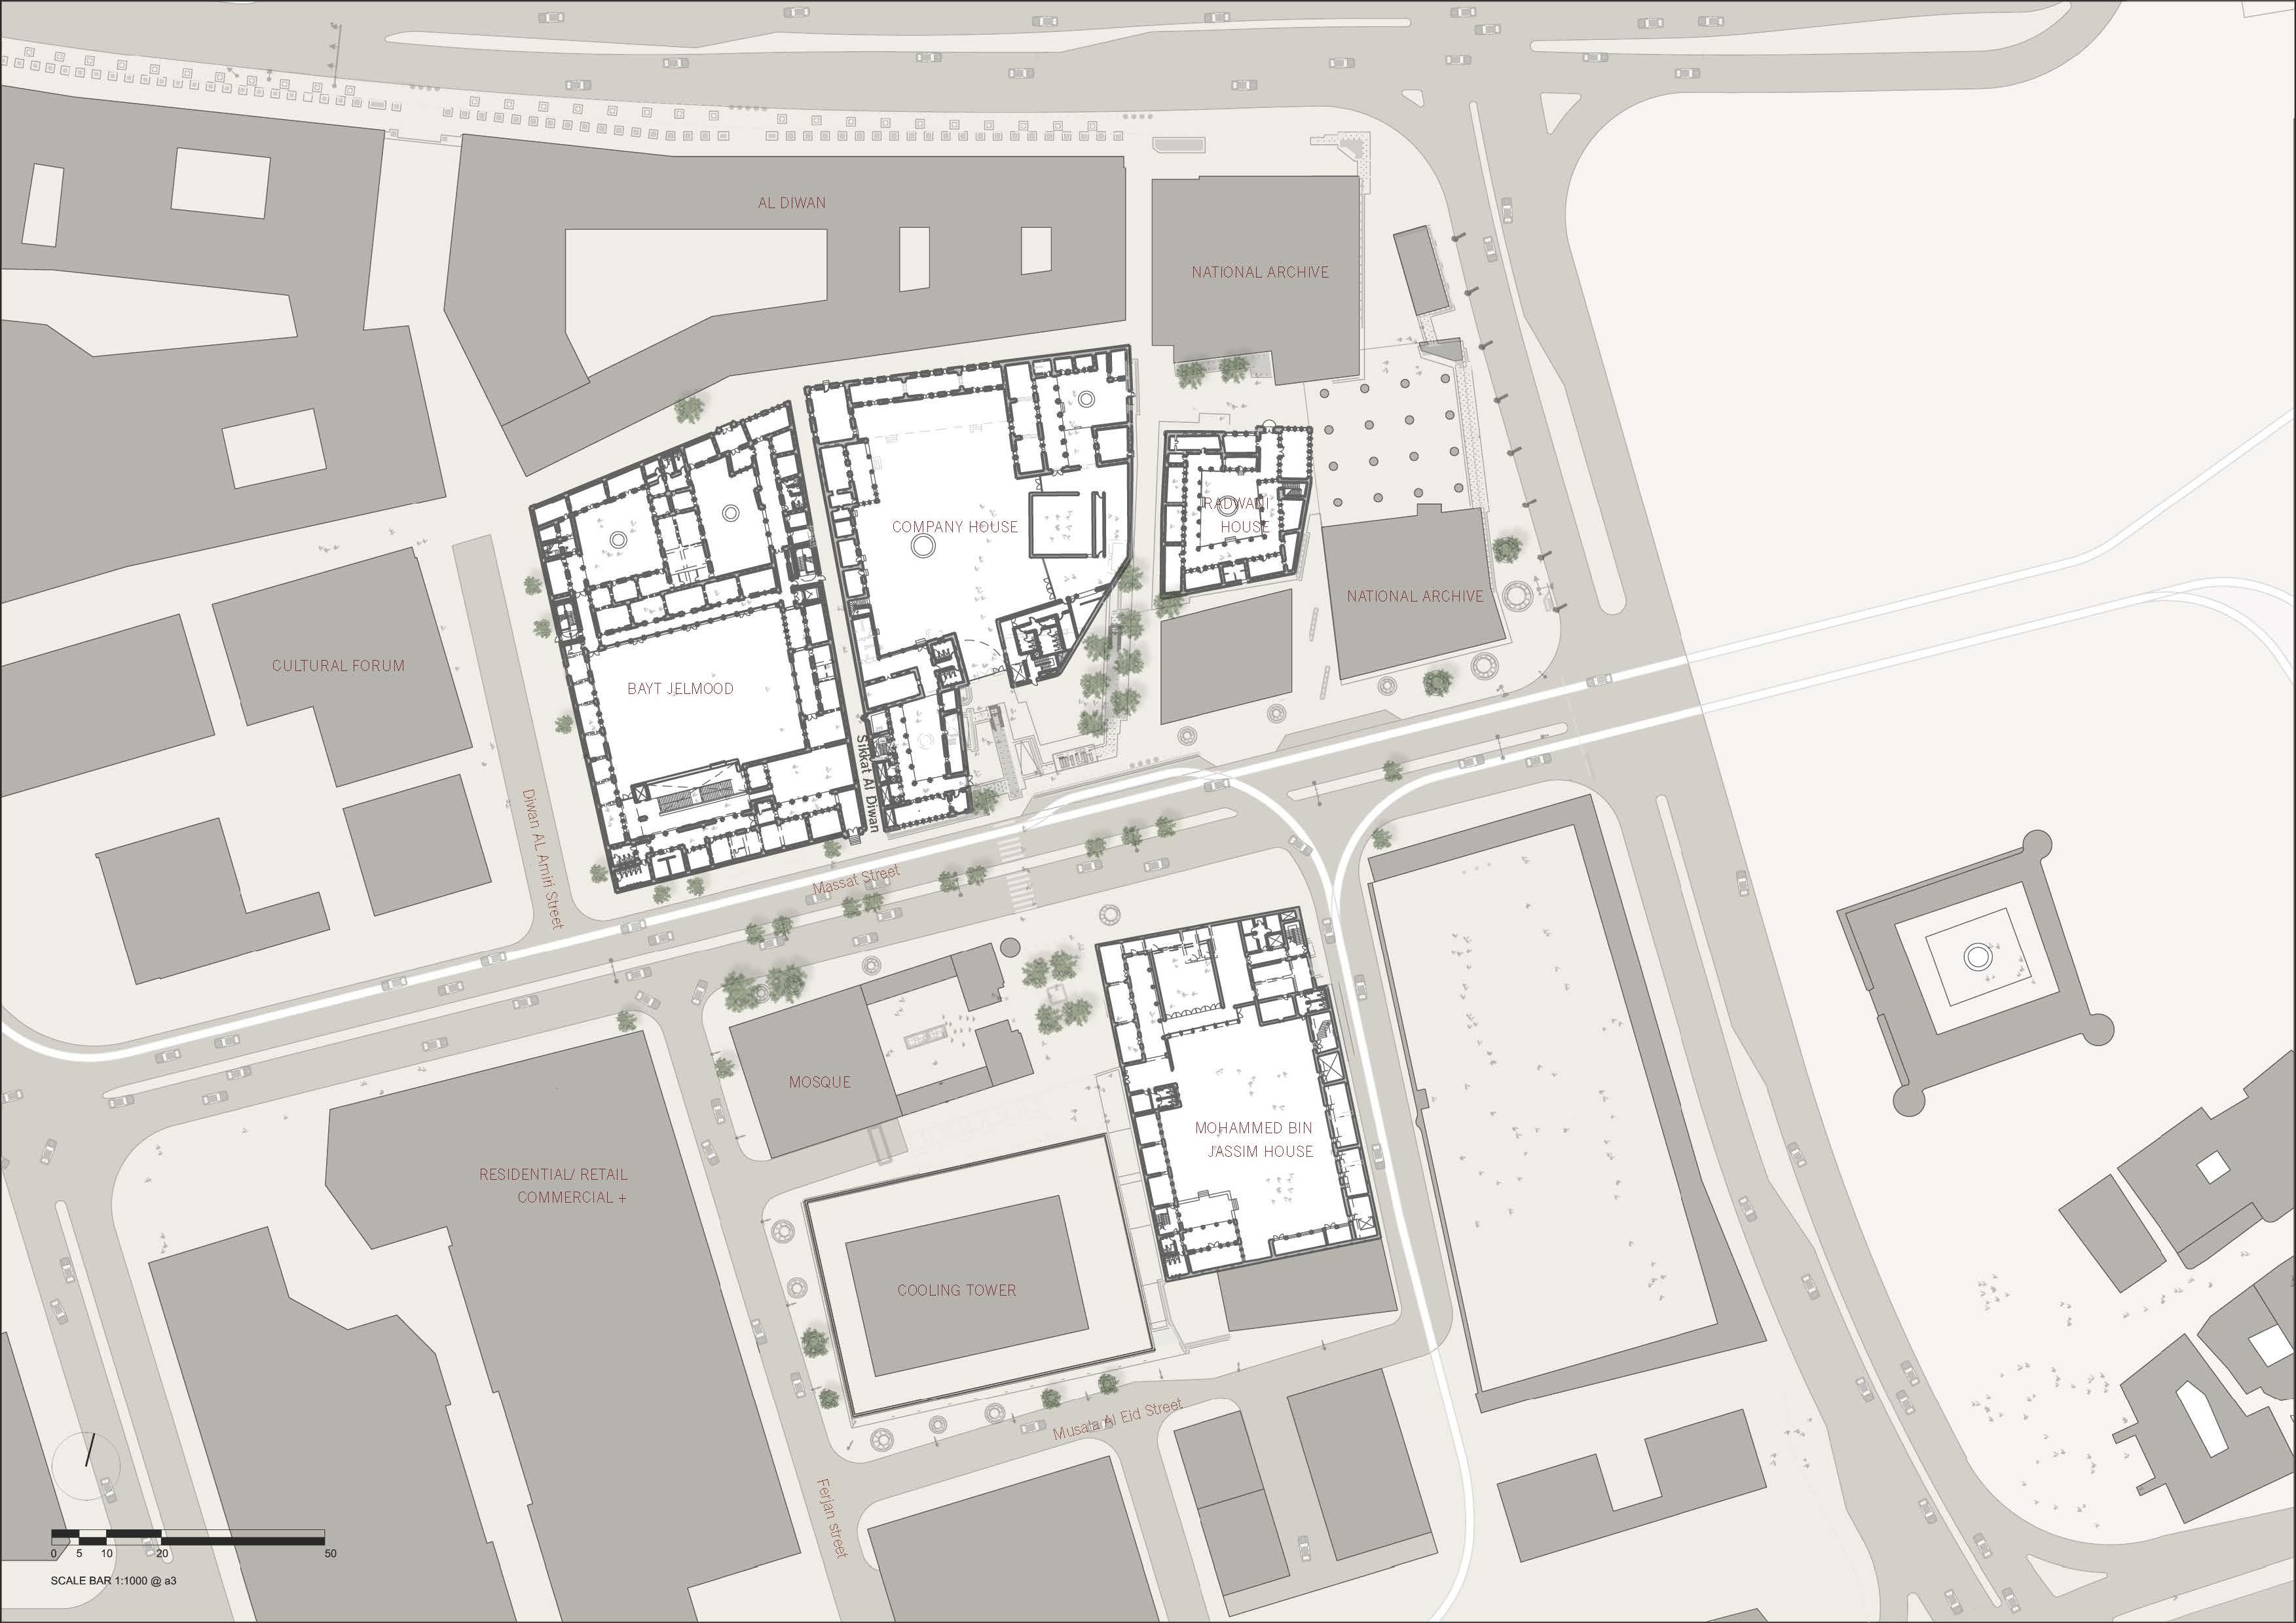 Location Plan with context John McAslan + Partners}